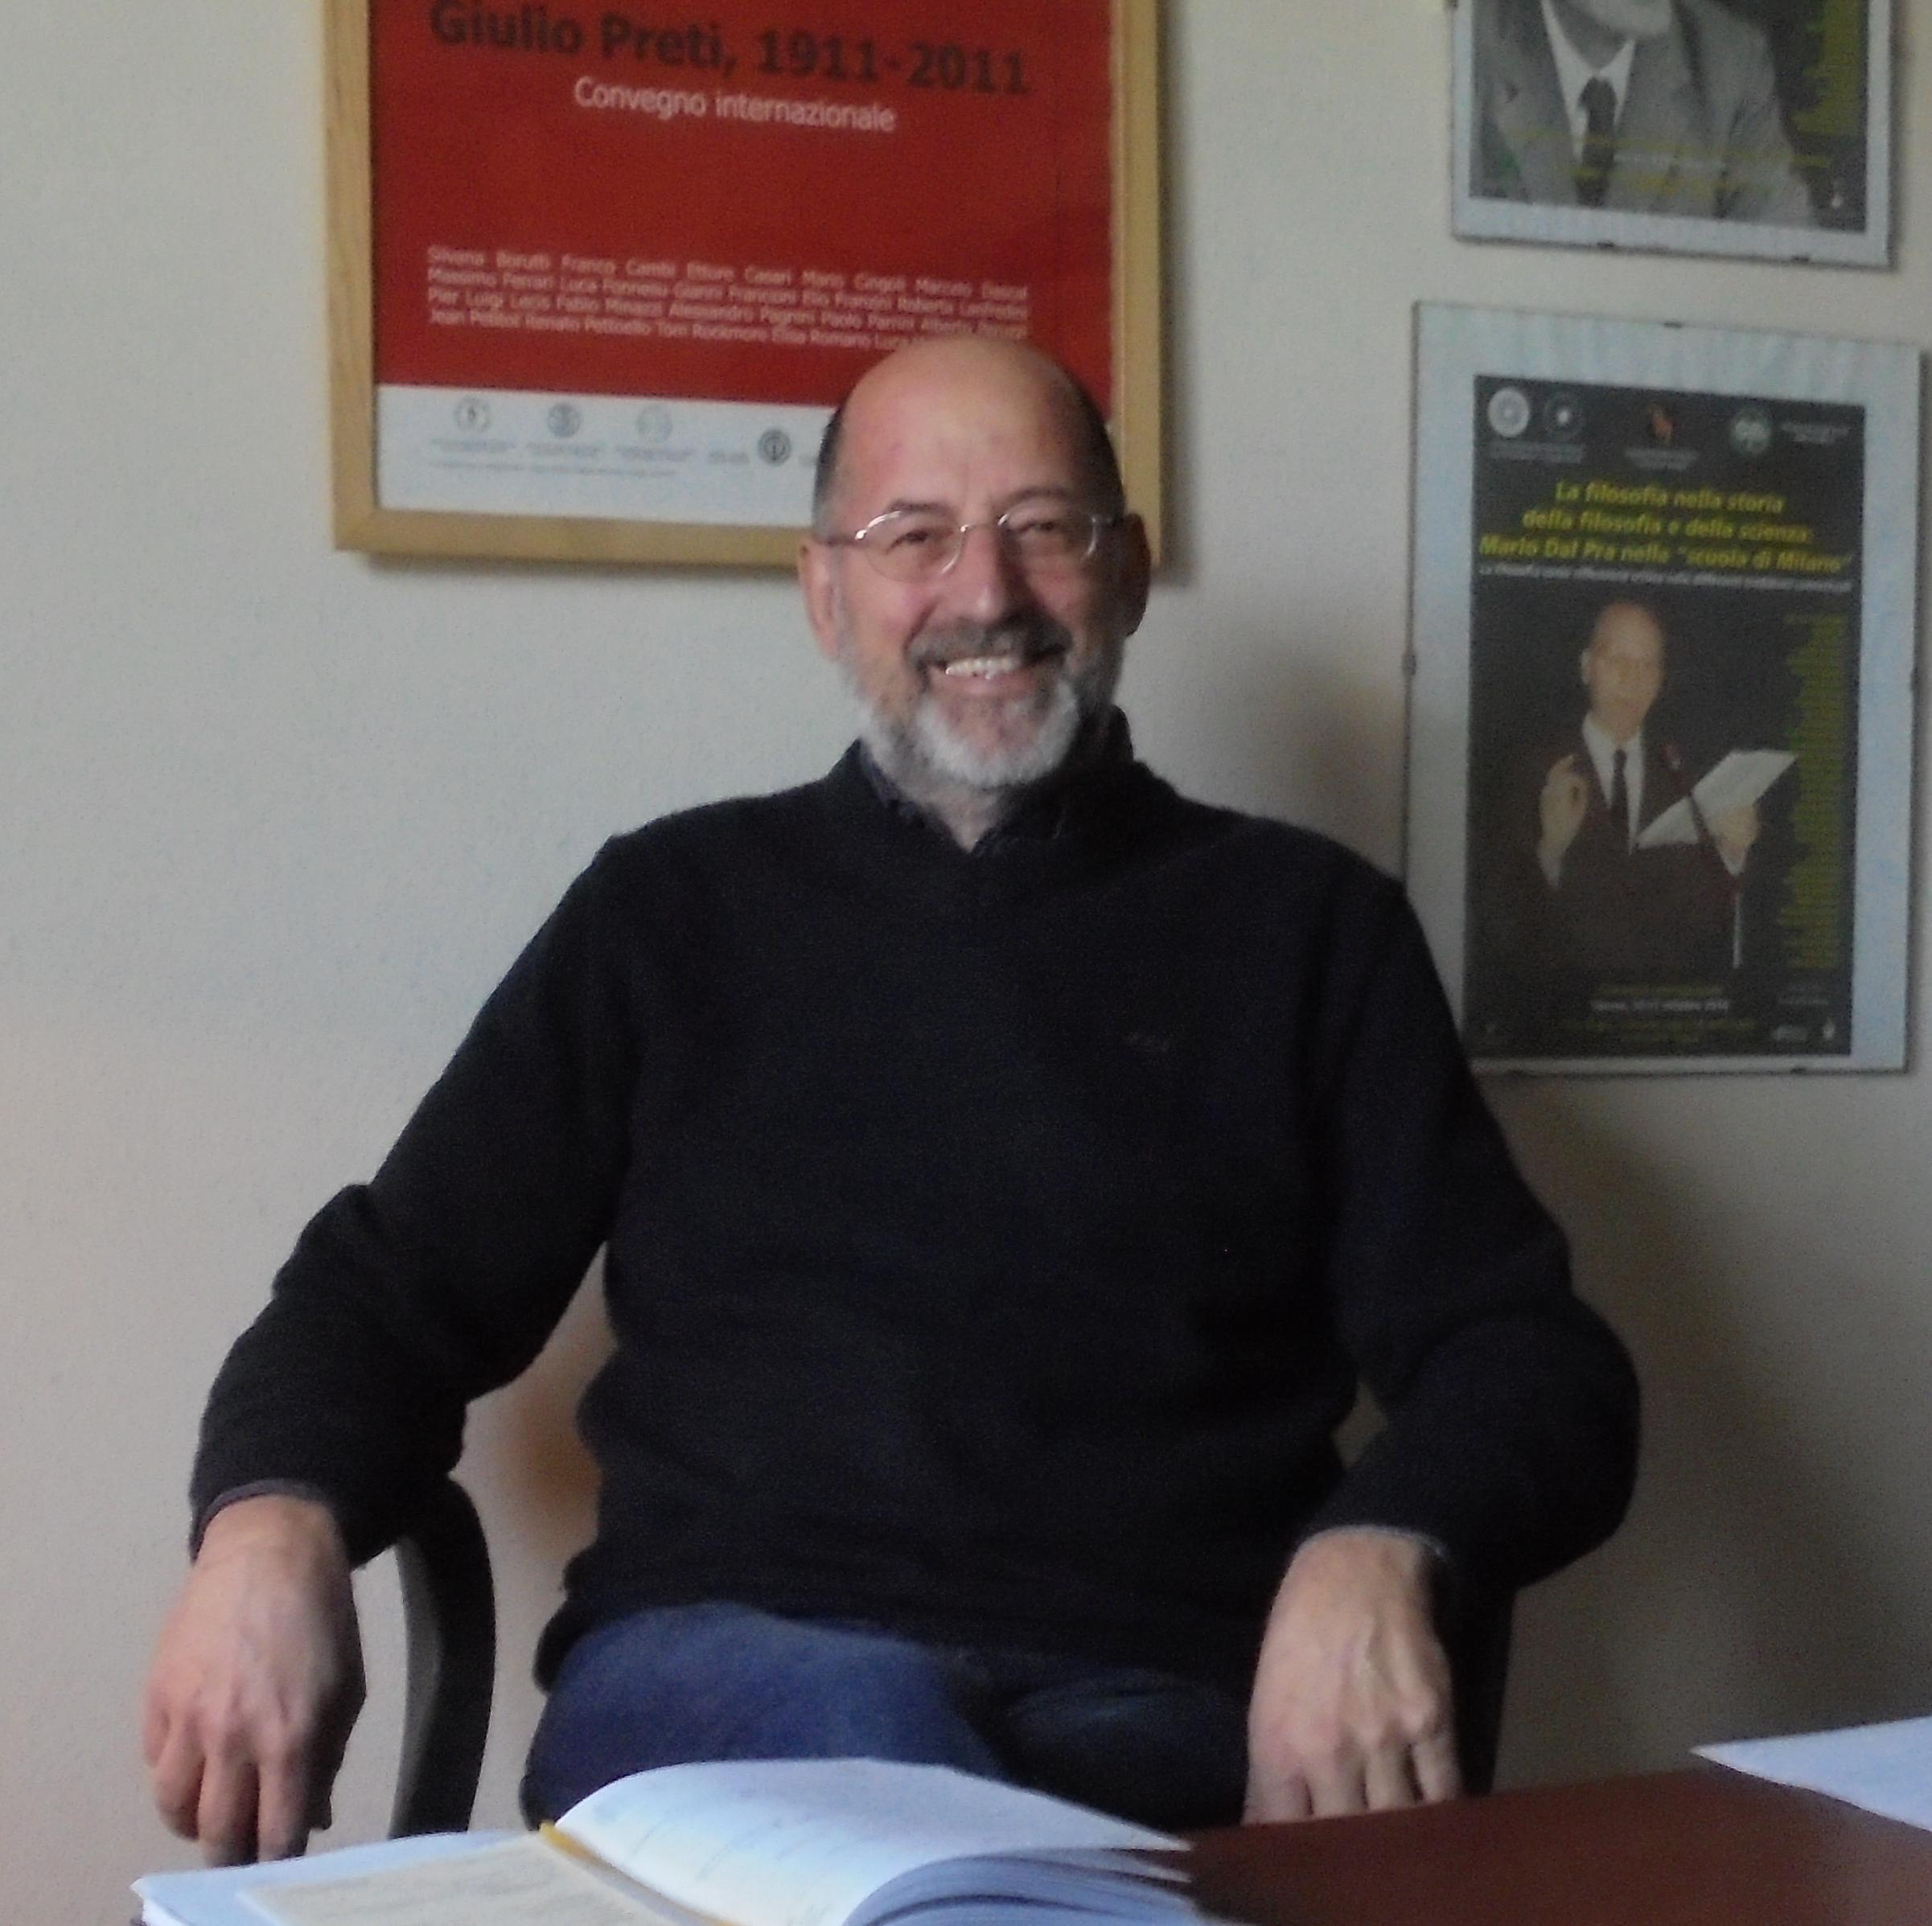 Antonio Bechelli